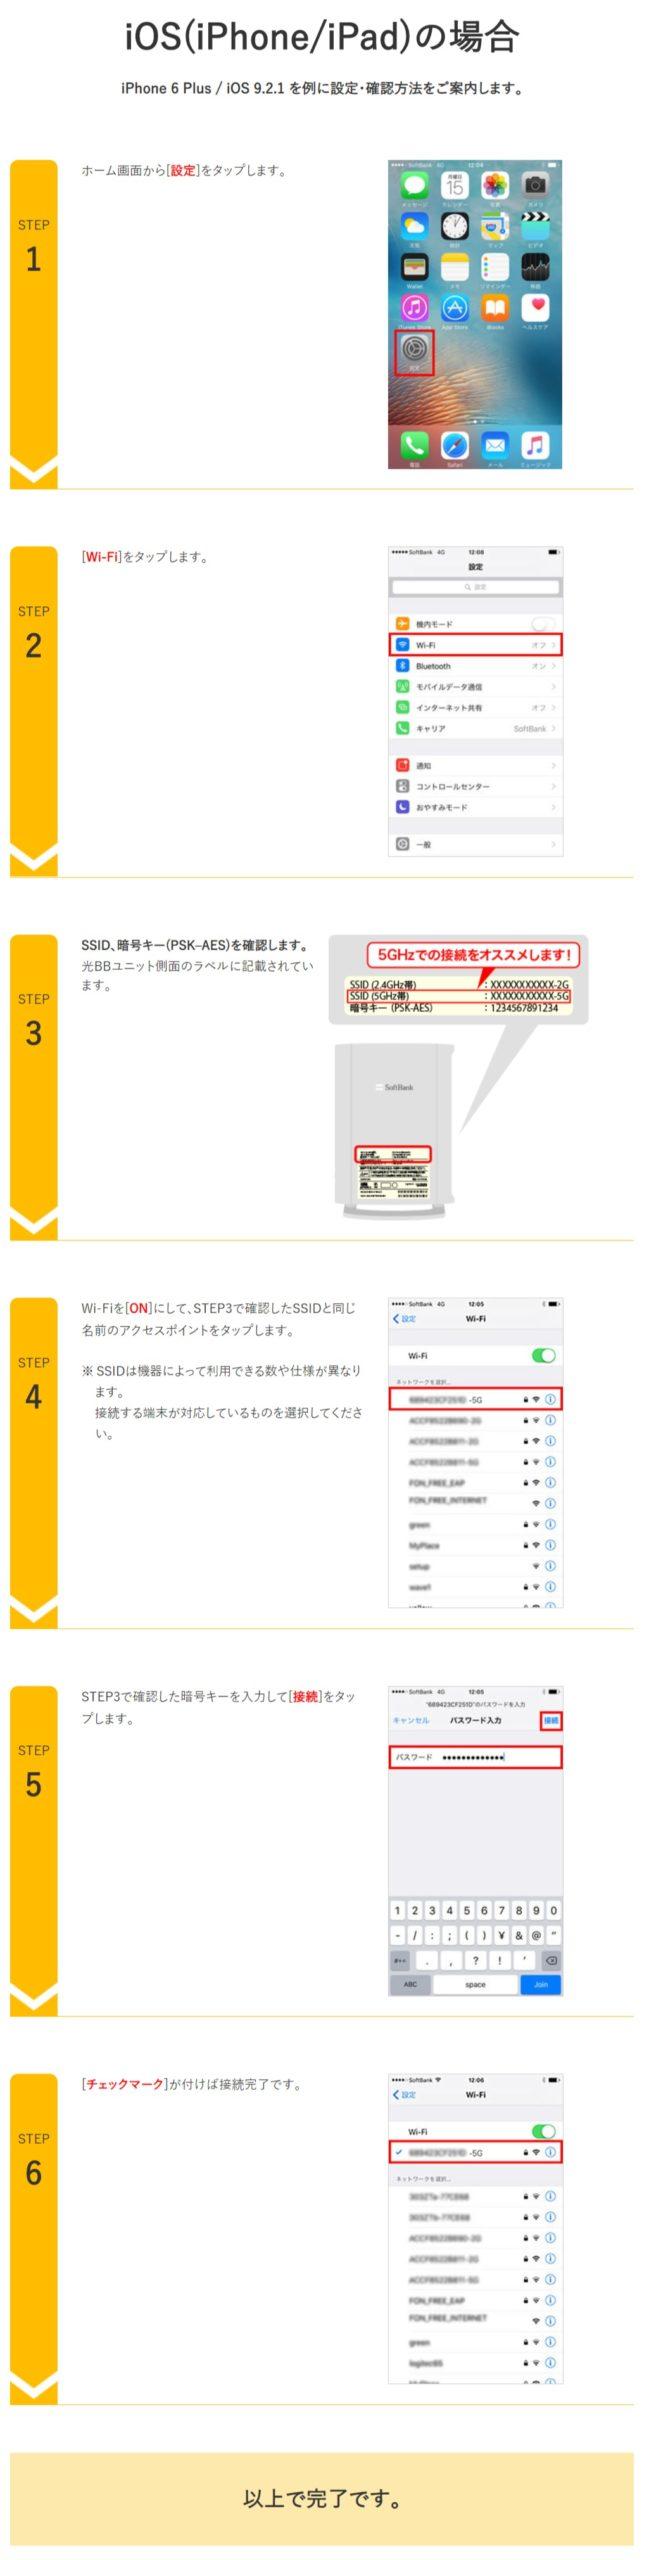 SoftBank 光のWi-Fiを設定する|iPhone